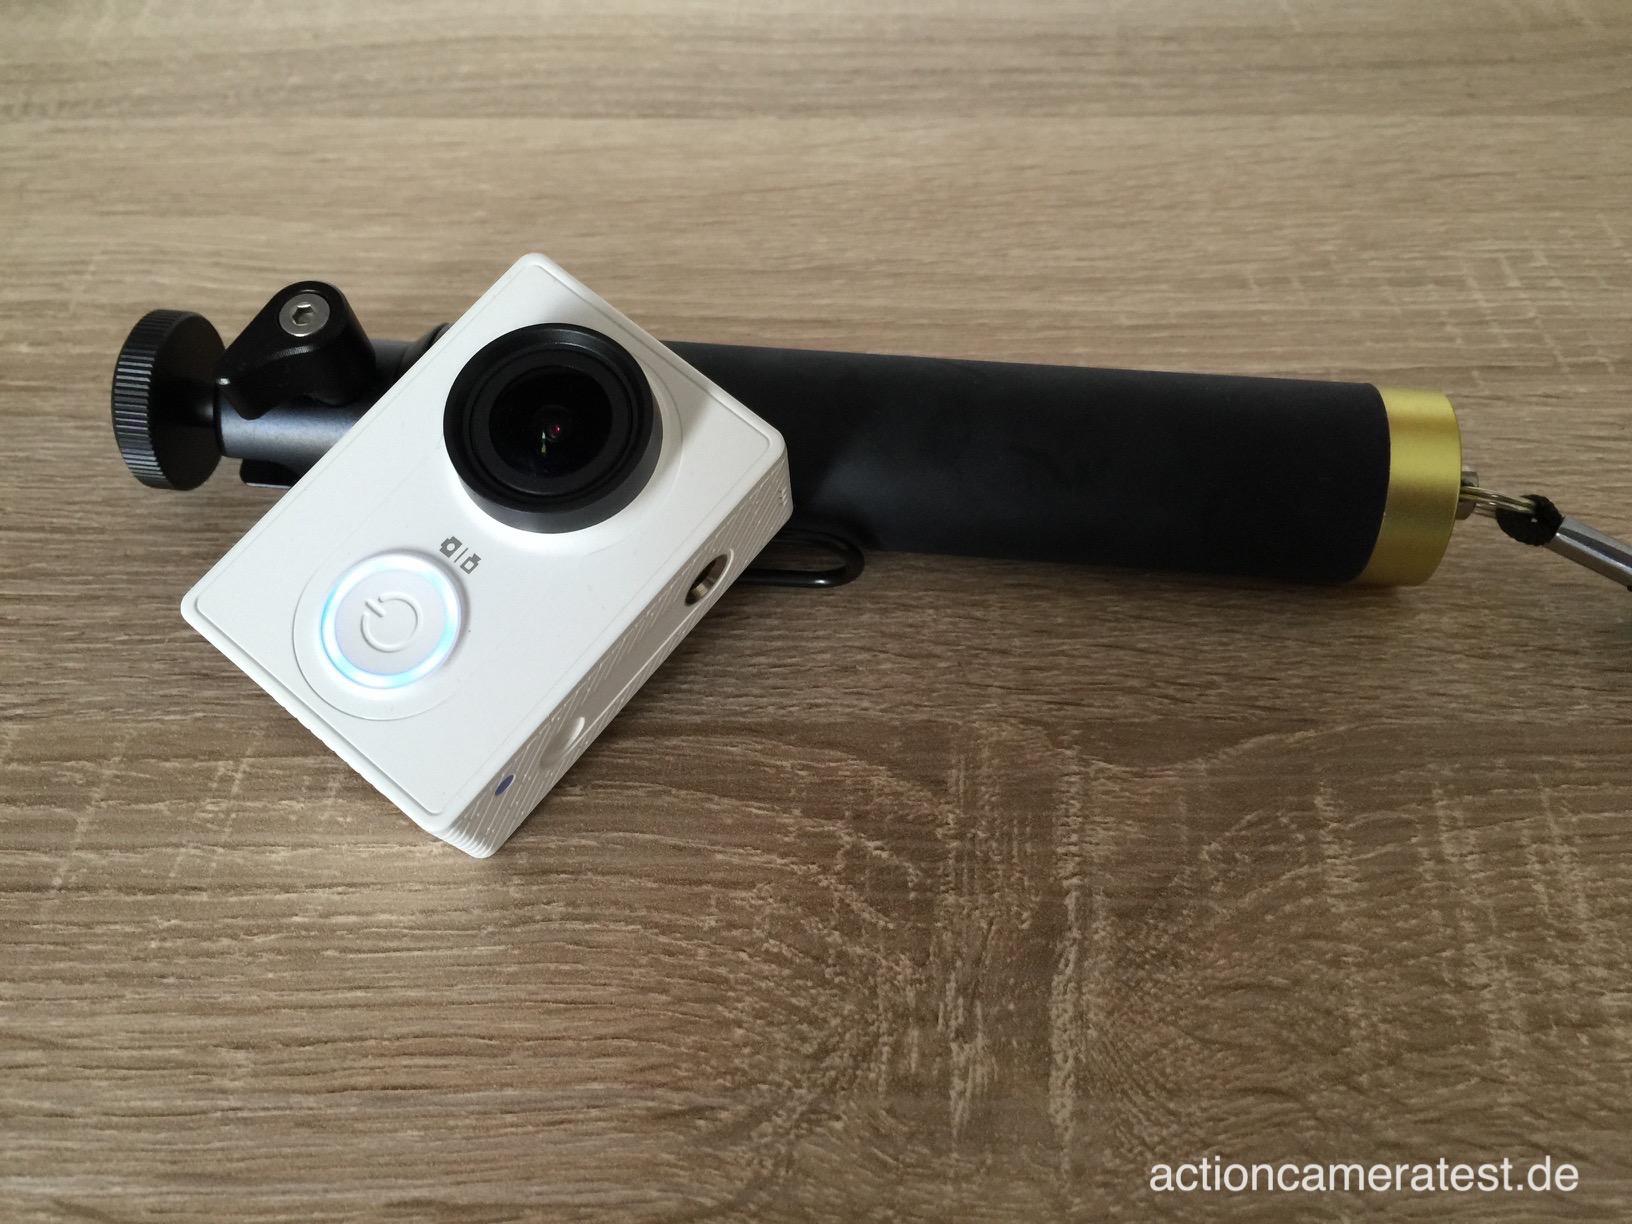 xiaomi-yi-action-camera-comprar8